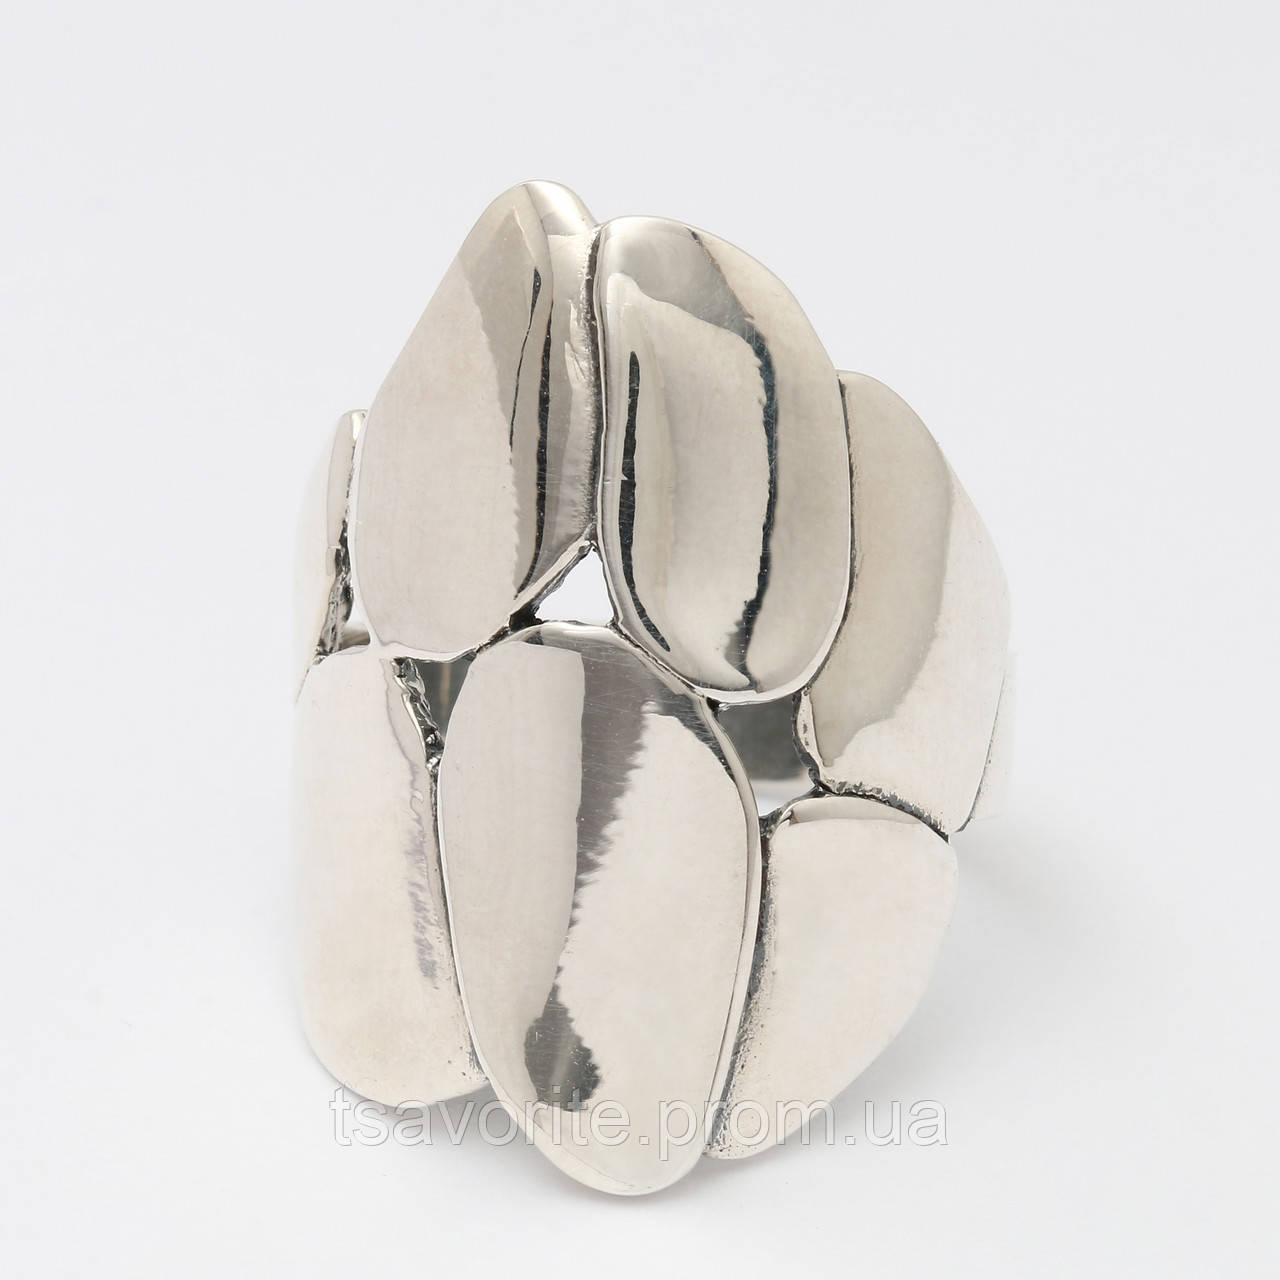 Серебряное кольцо 225КЮ